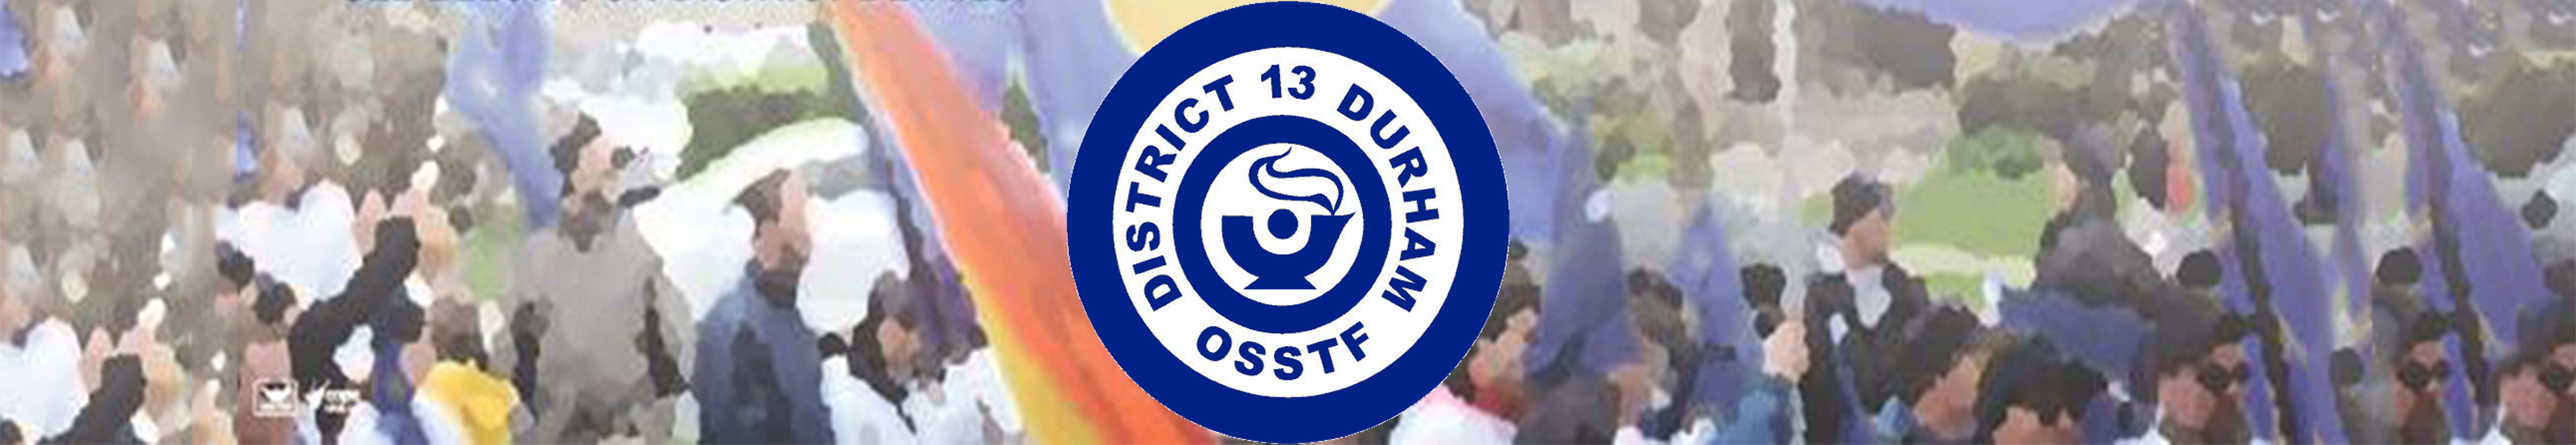 District 13 Durham